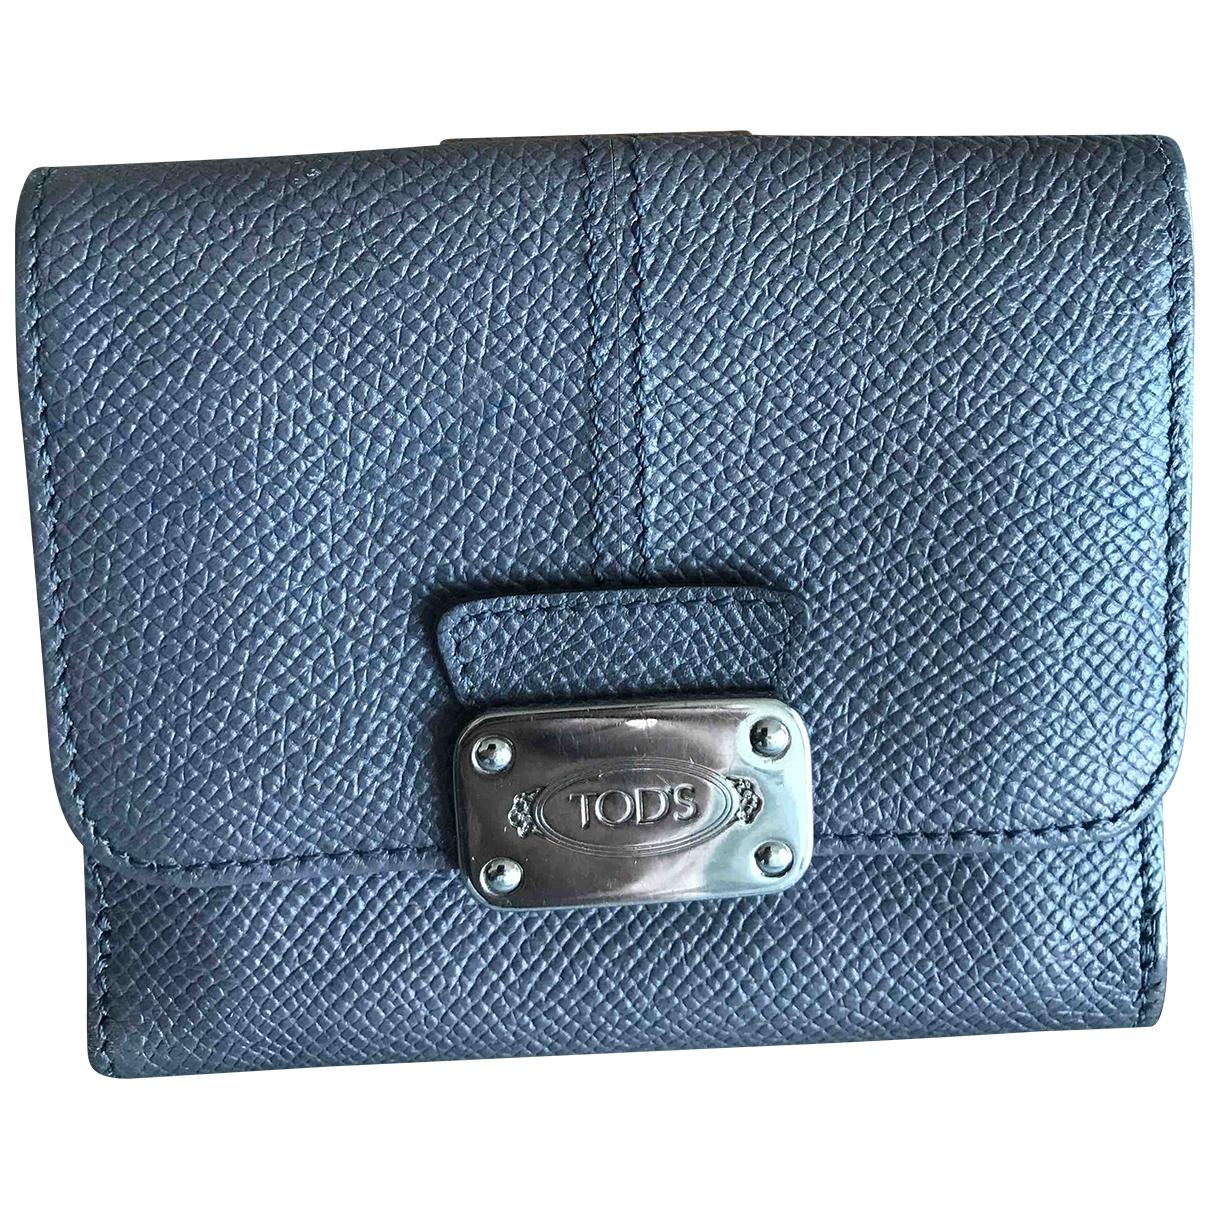 Tods - Portefeuille   pour femme en cuir - gris